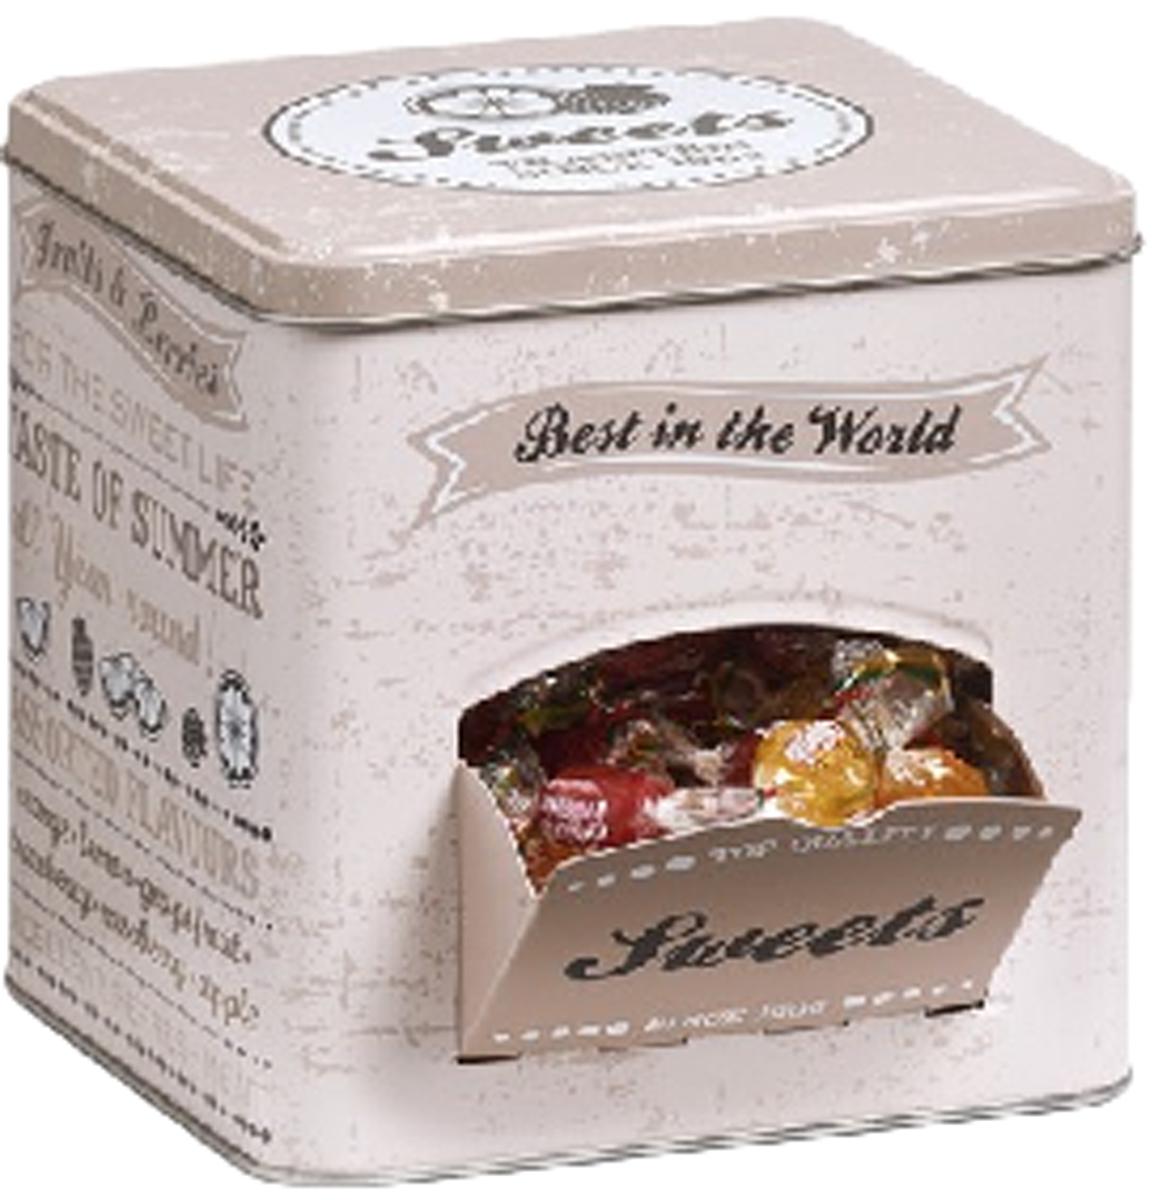 Коробка для чайных пакетиков Zeller, цвет: бежевый, 15 х 15 х 15,2 см19161Коробка для чая Zeller, изготовленная из высококачественного металла и оформленная оригинальным рисунком, станет незаменимымпомощником на кухне. Емкость легко закрывается крышкой. Оригинальный дизайн позволит сделать такую коробку отличным подарком налюбой праздник.